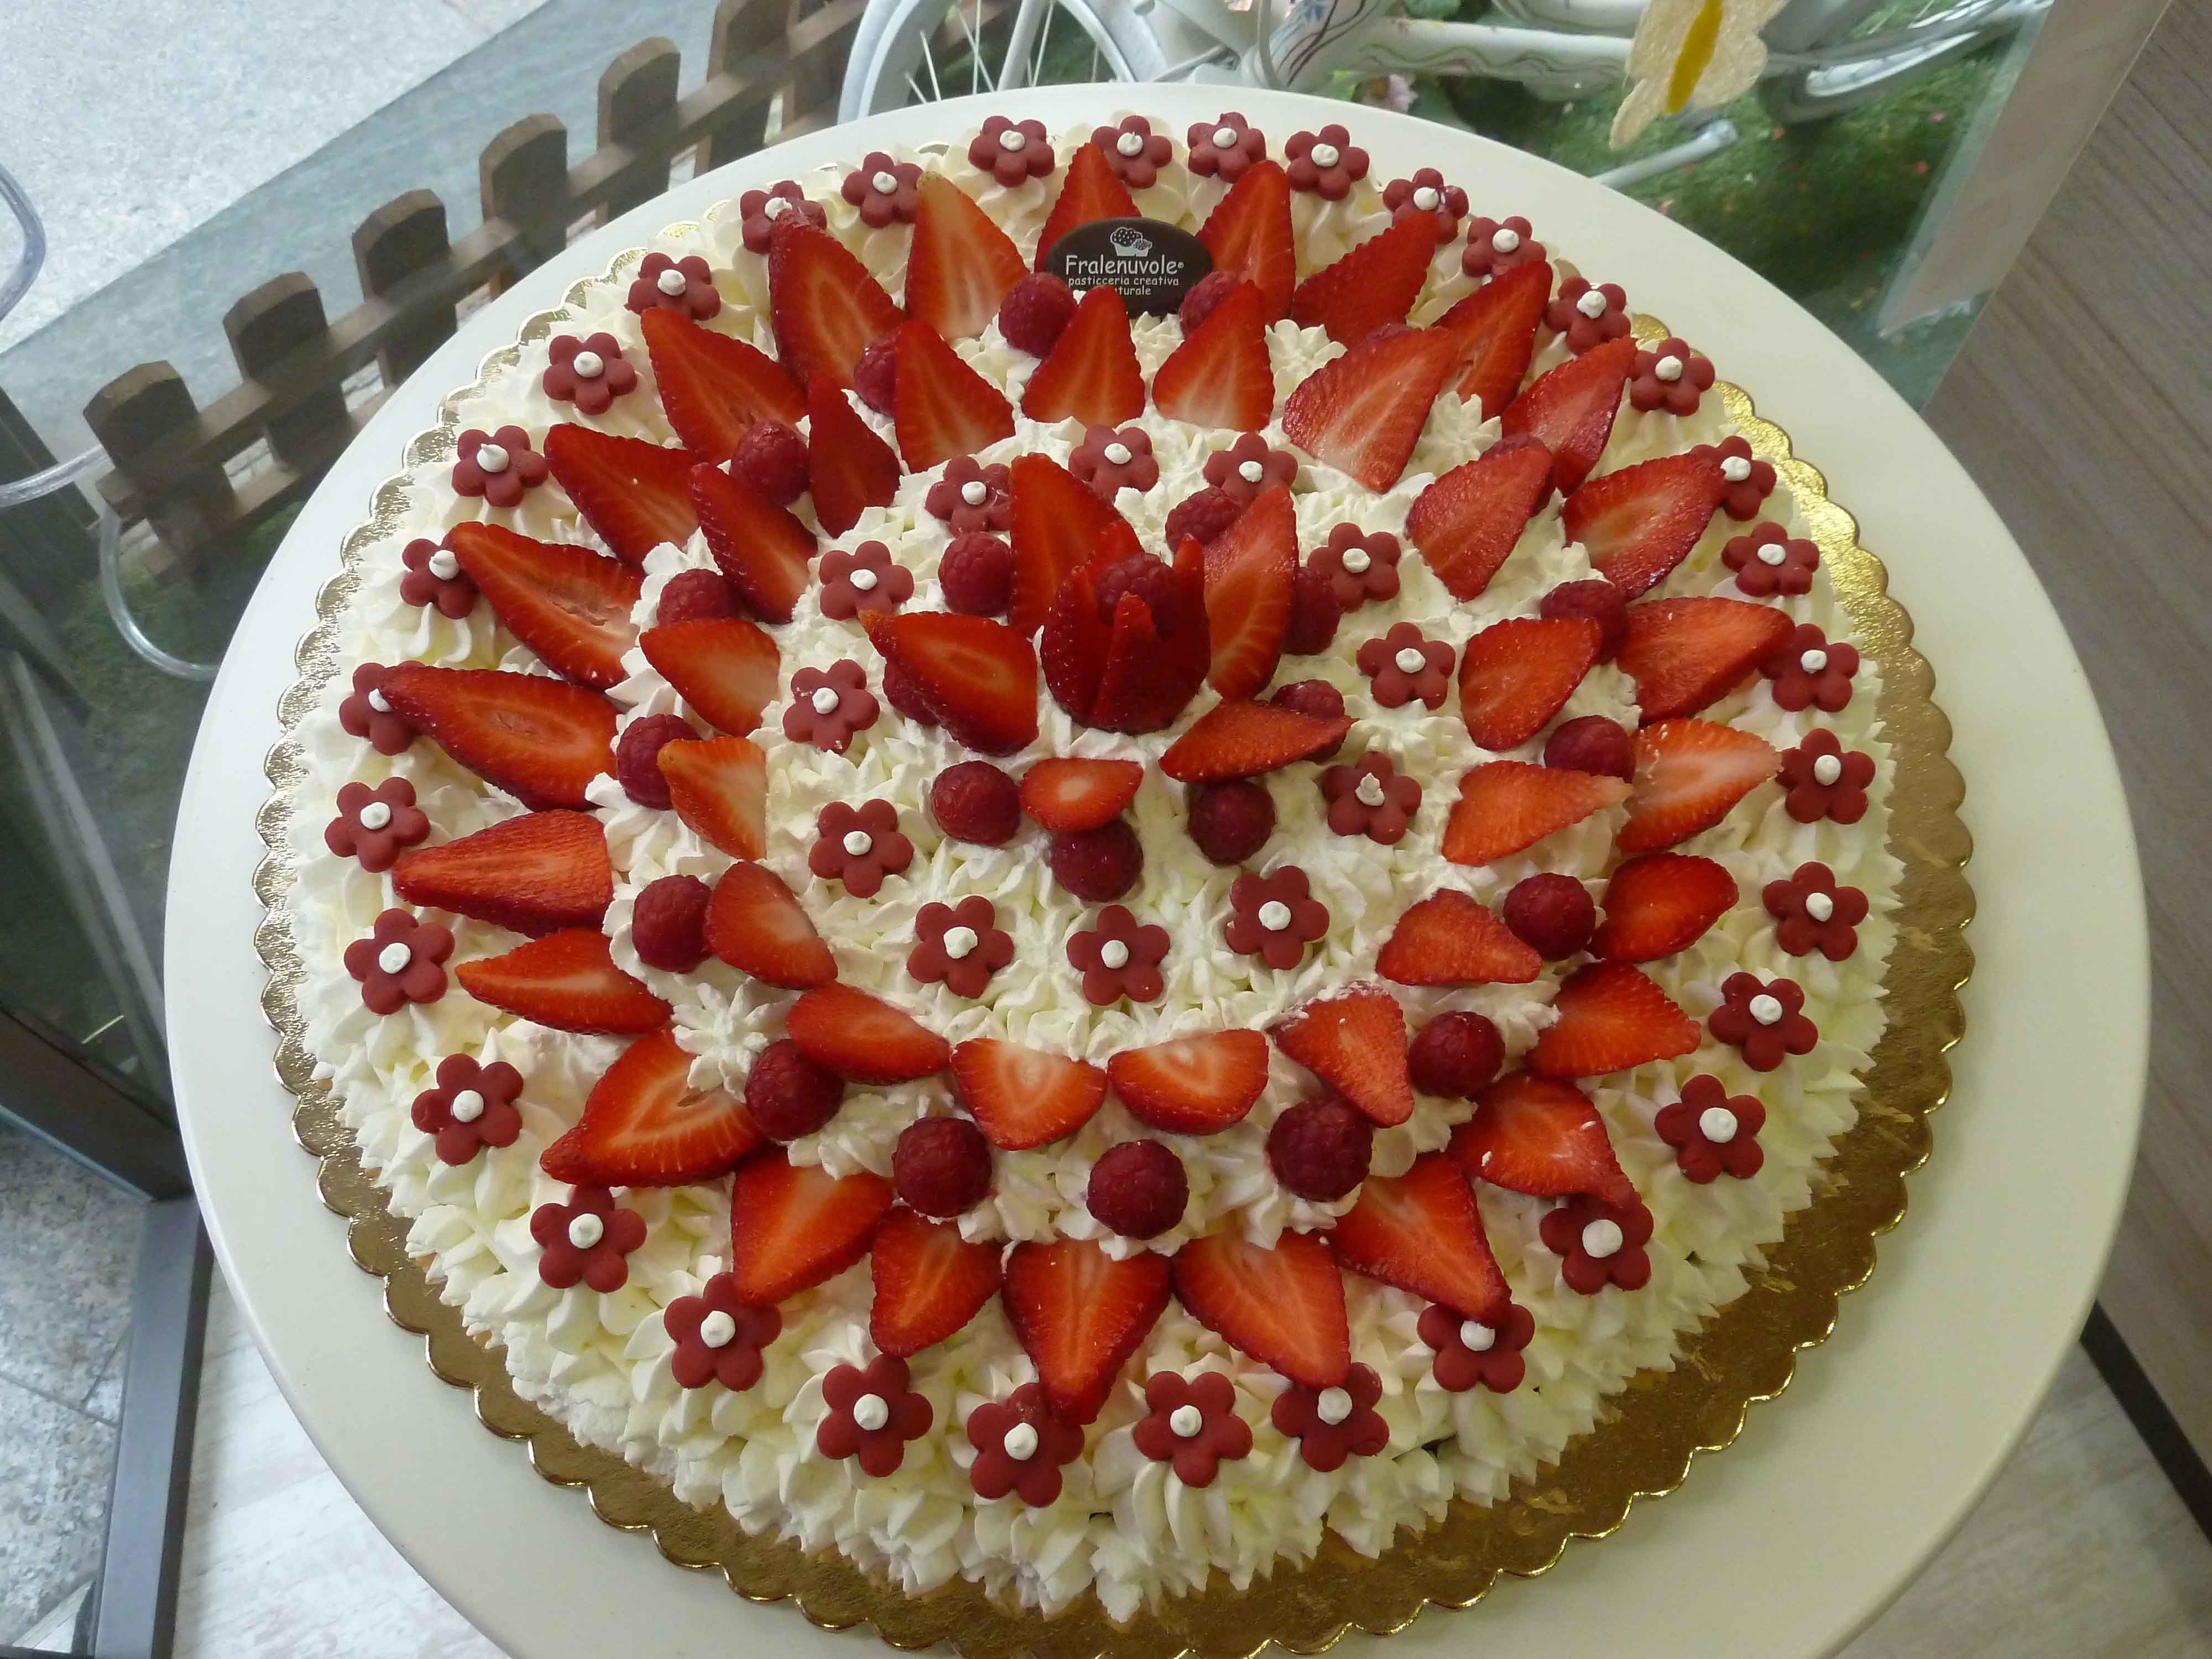 Meringata Di Matrimonio Con Frutta Fresca E Fiorellini In